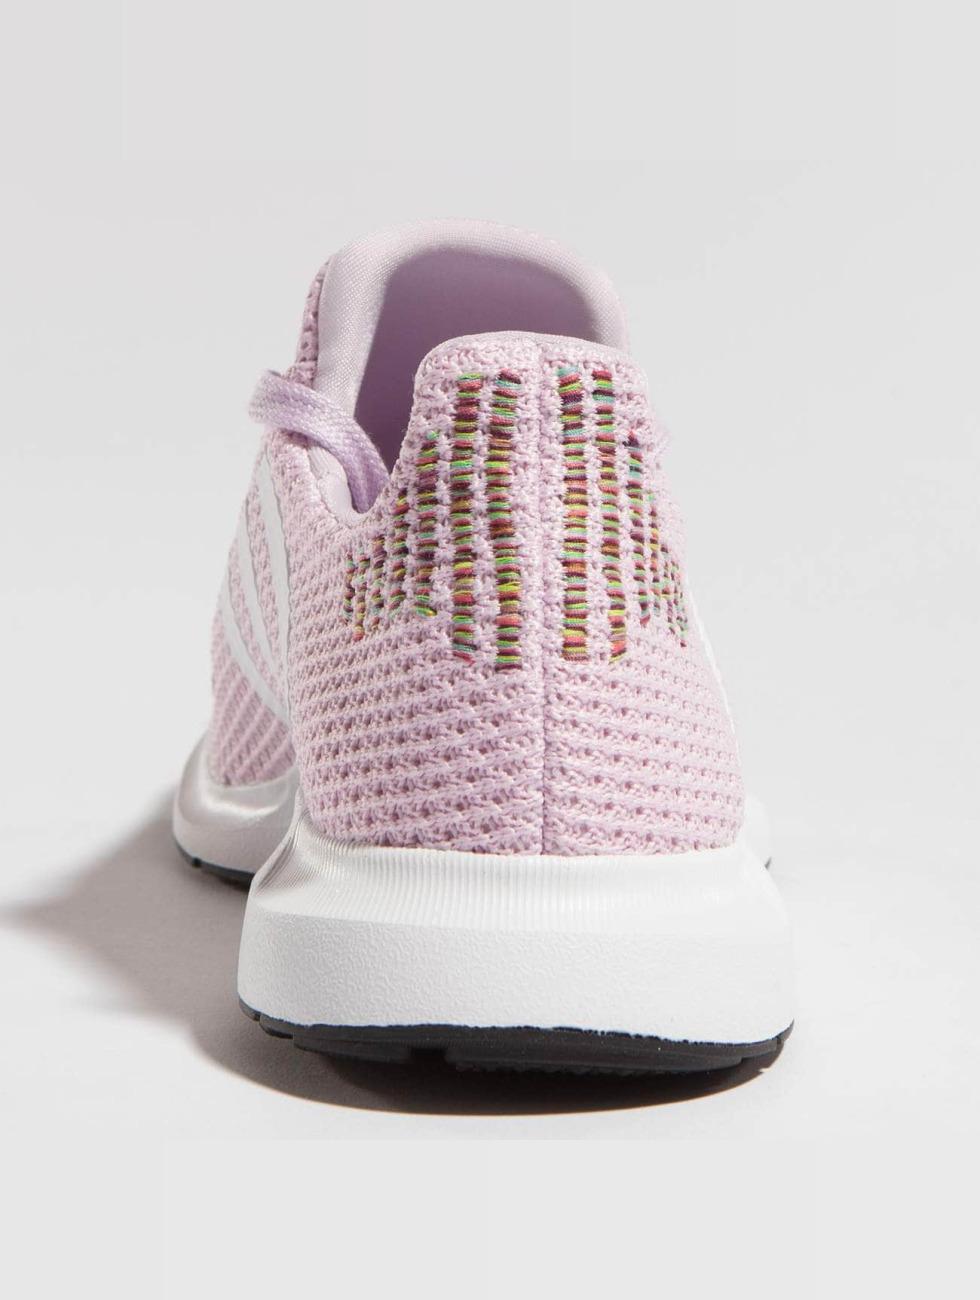 adidas originals schoen / sneaker Swift Run in pink 437041 Kies Een Beste Goedkope Online Natuurlijk En Vrij Hyper Online vVqbwMfh8